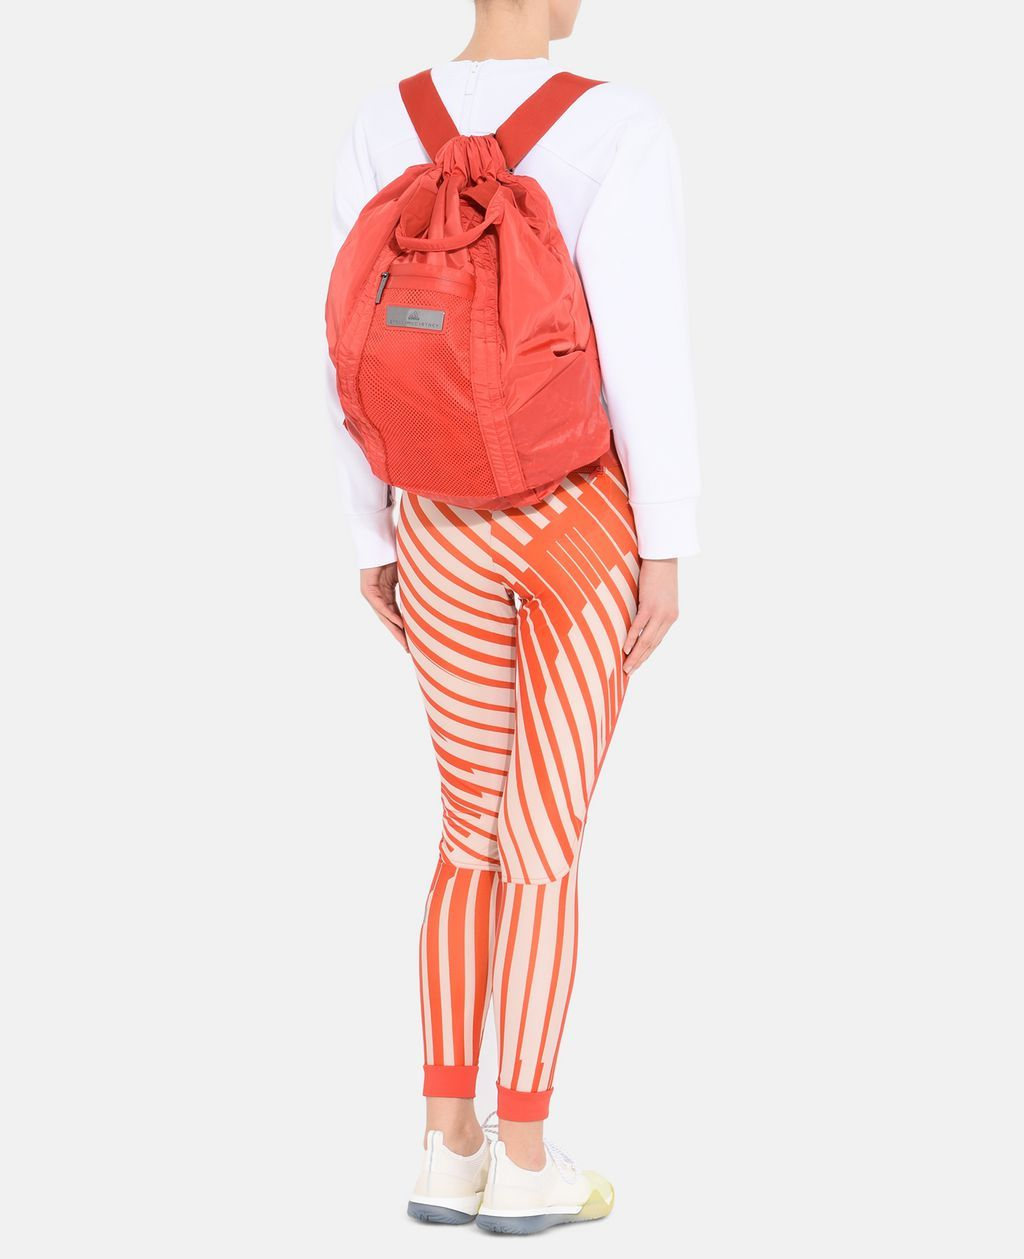 f681996c65 Red Gym Bag Multi - Adidas By Stella Mccartney